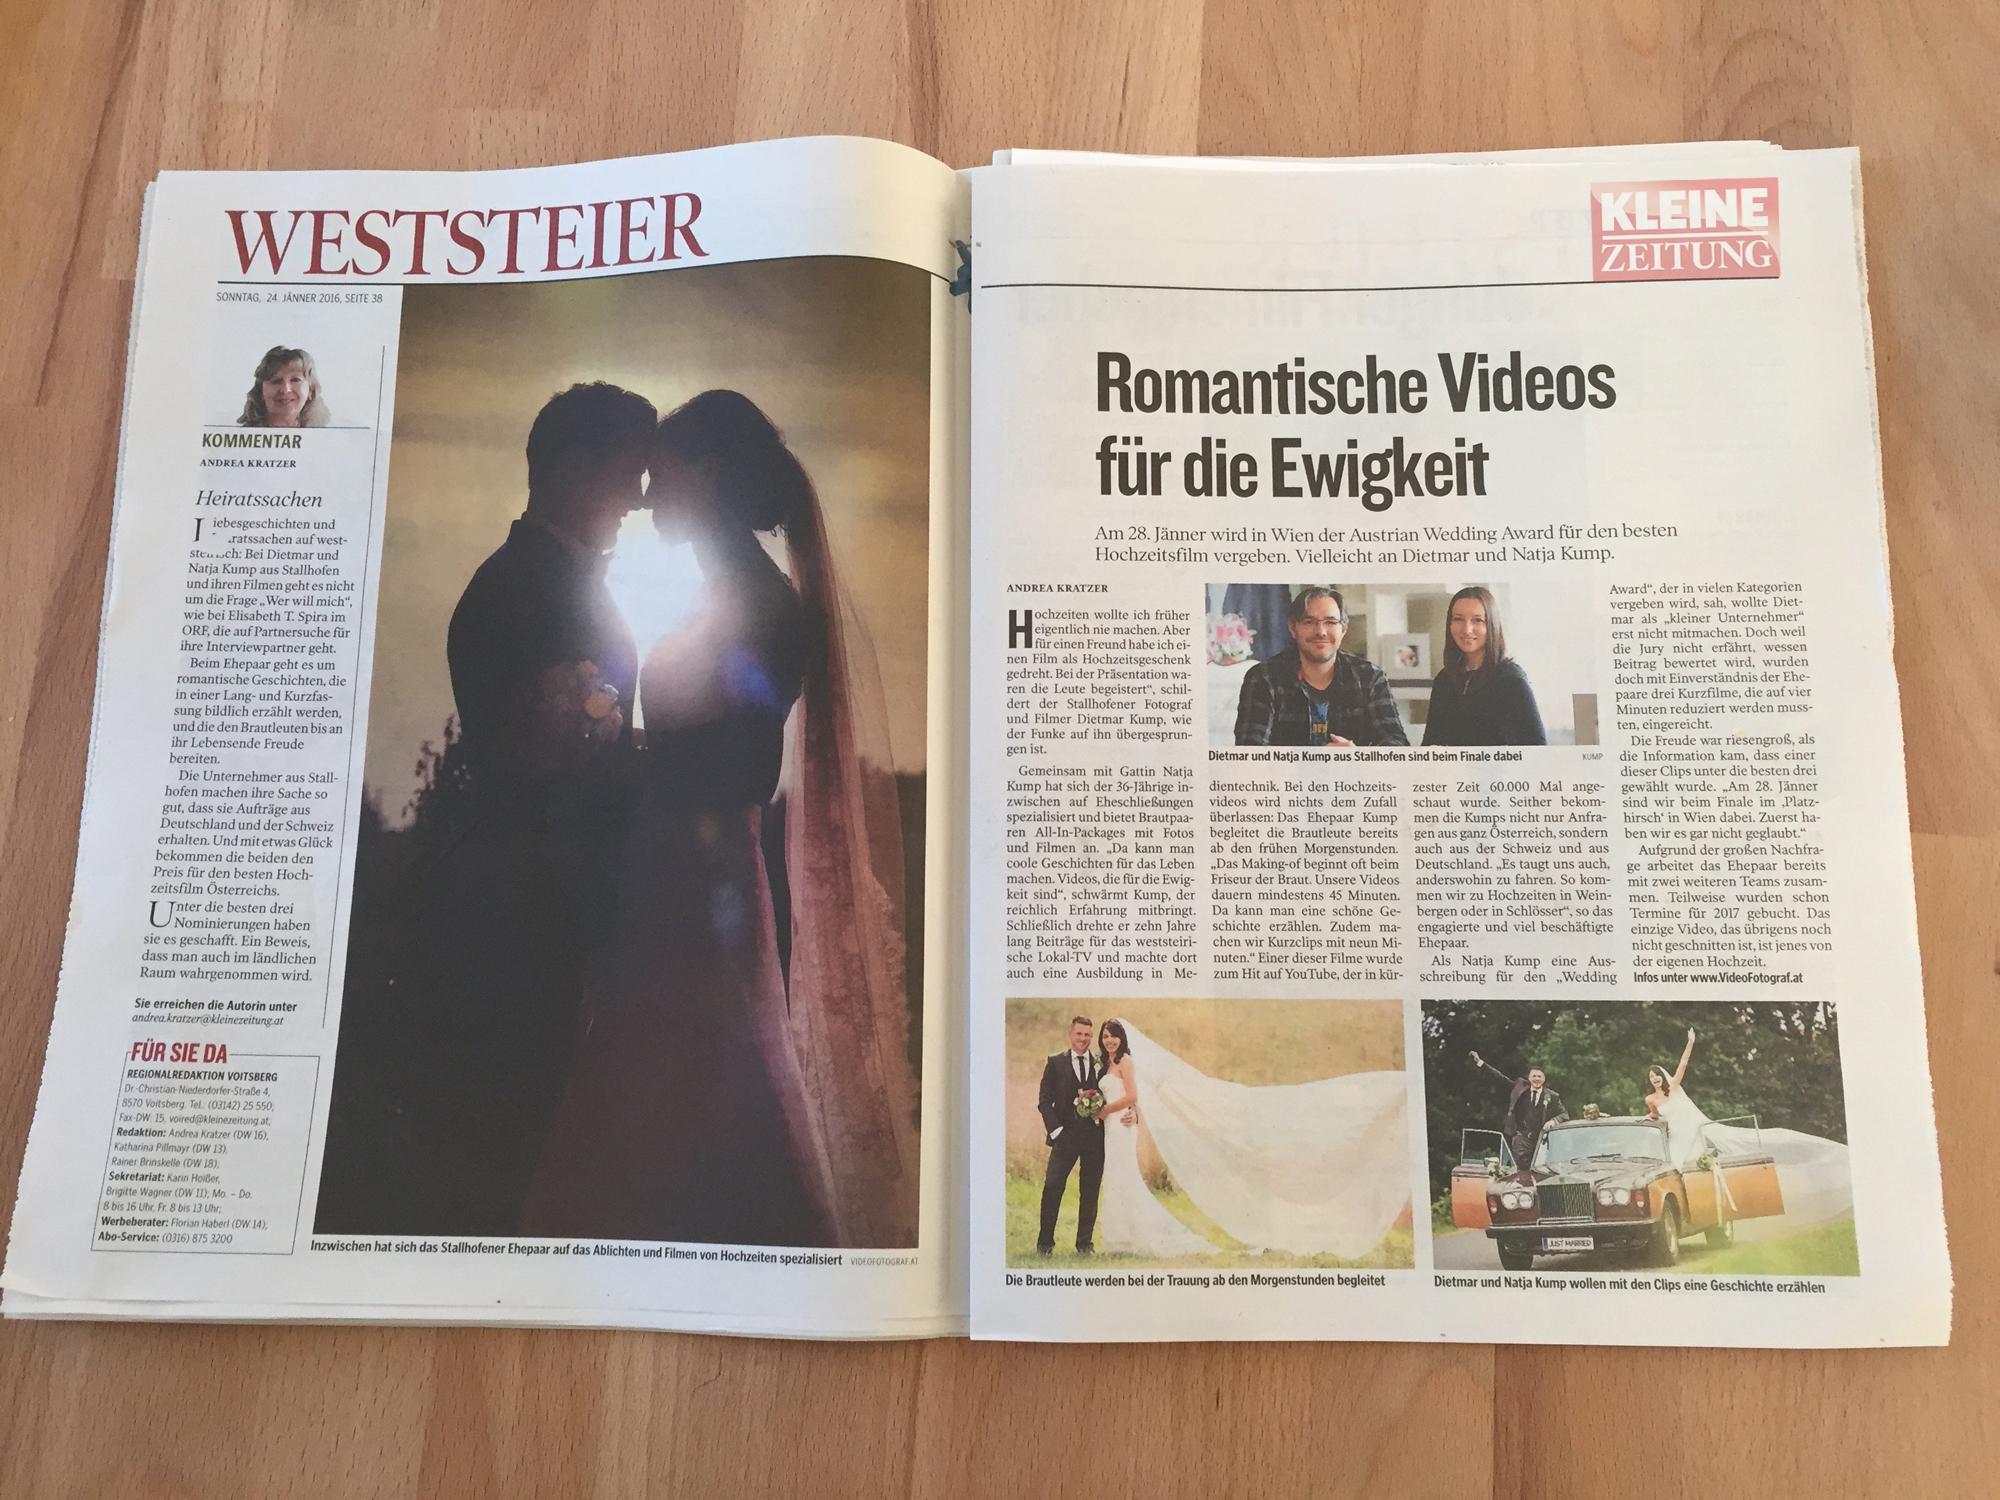 Kleine Zeitung - Kump Videofotograf Kump.PhotographyHochzeitsfilm Dietmar Kump